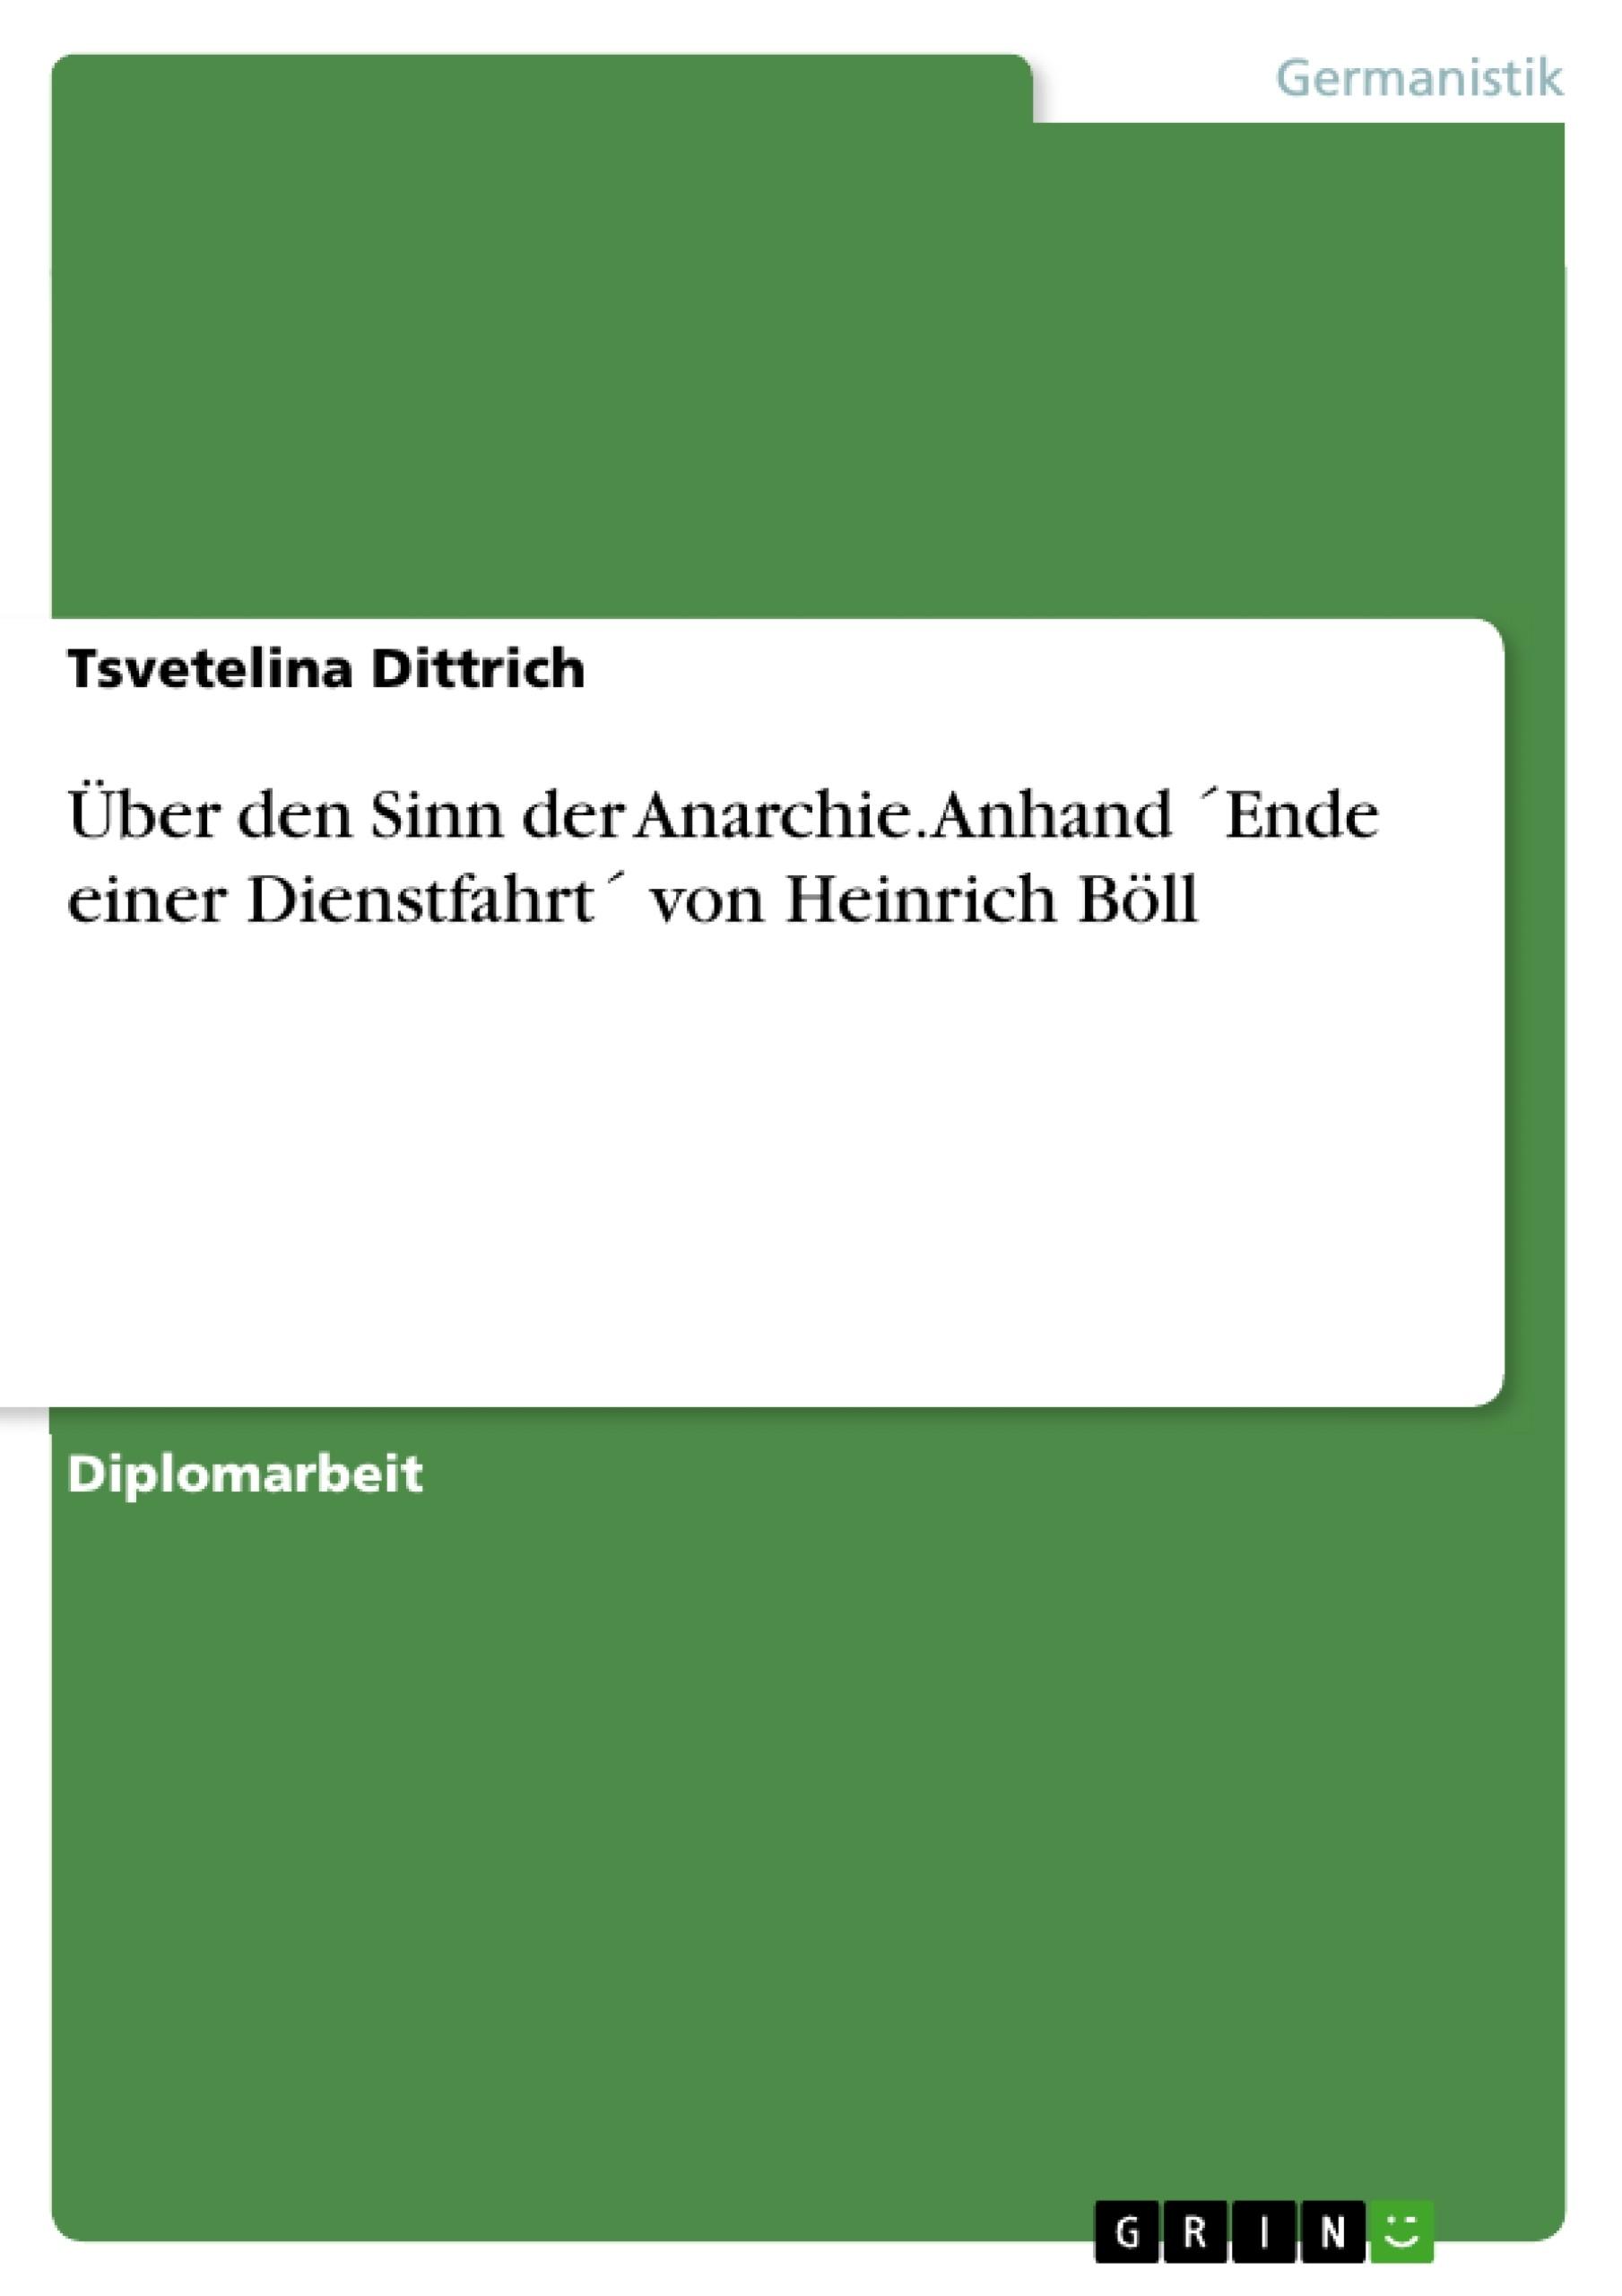 Titel: Über den Sinn der Anarchie. Anhand ´Ende einer Dienstfahrt´ von Heinrich Böll